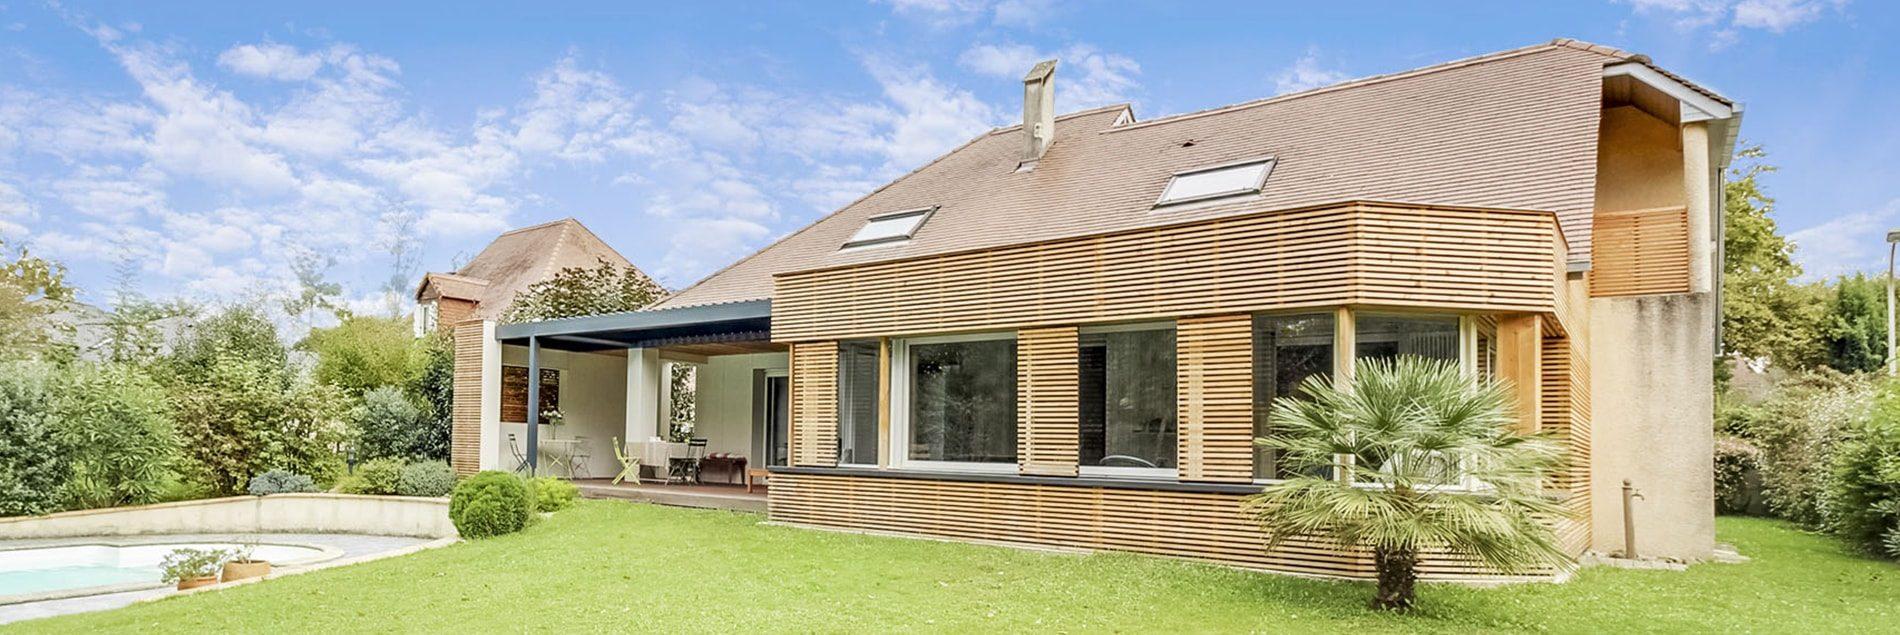 Agrandir sa maison bois à Lyon Sud Ouest